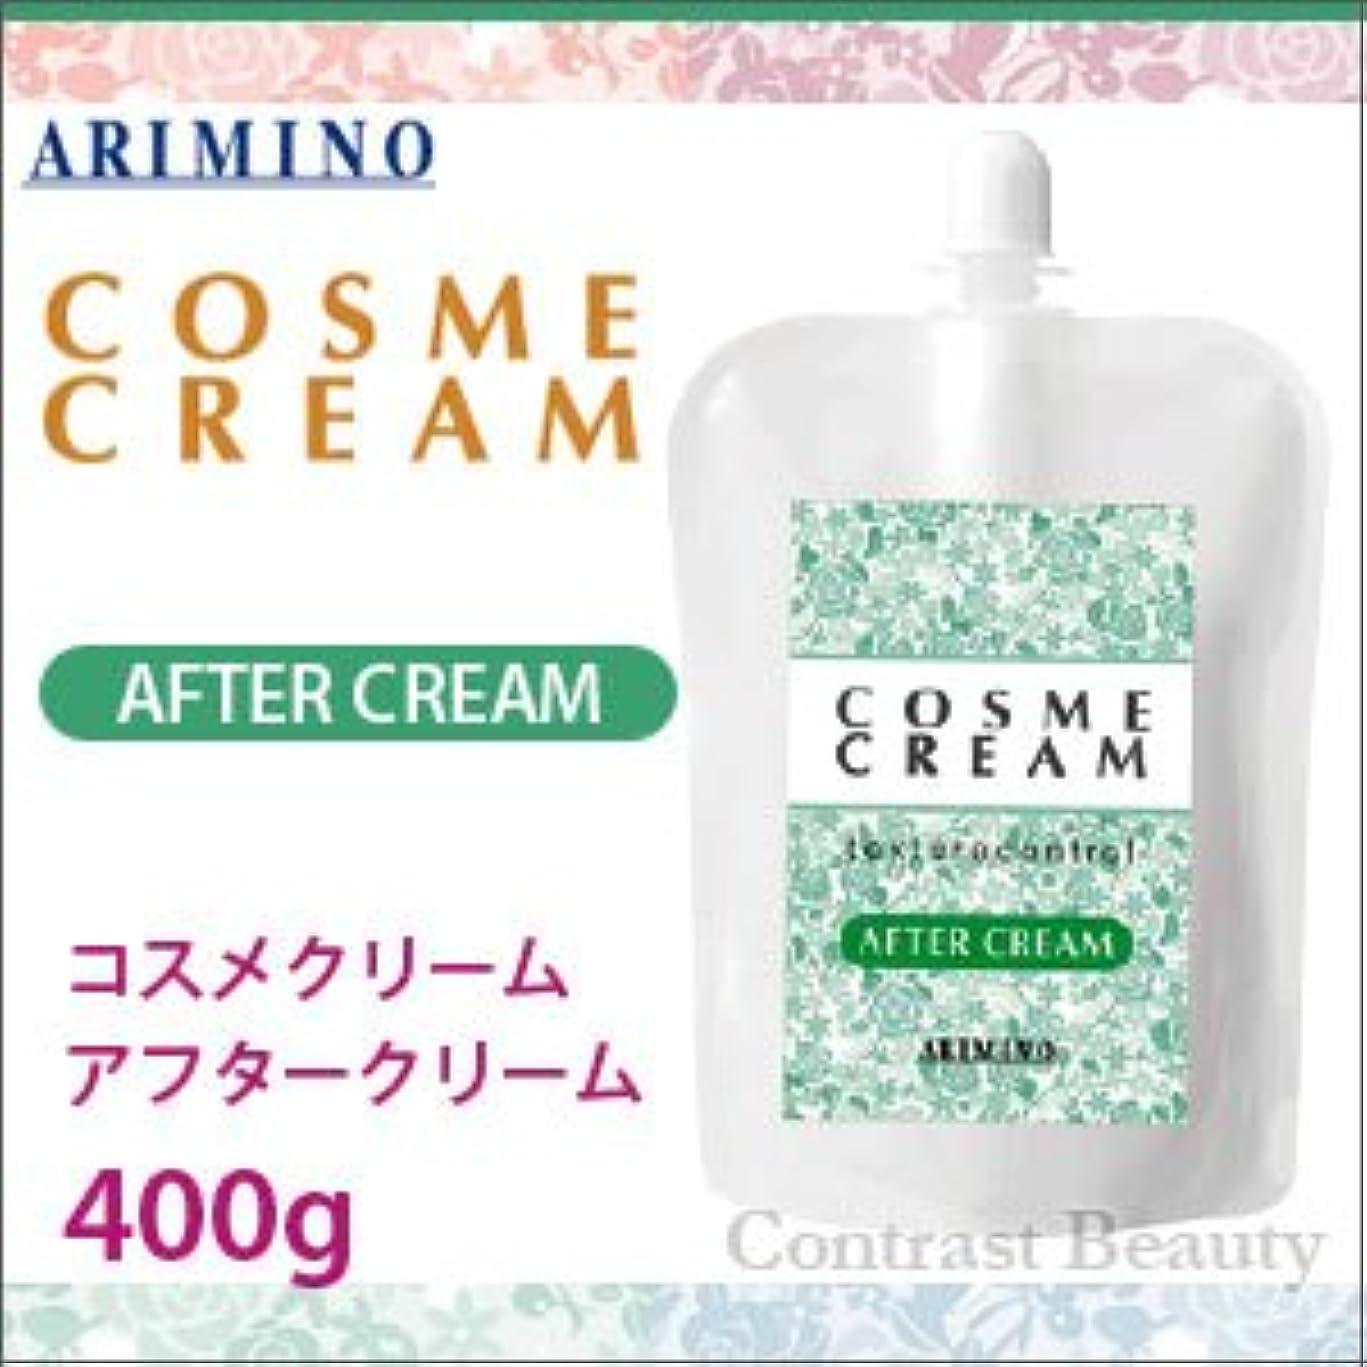 消毒剤アパル反論者アリミノ コスメクリーム アフタークリーム 400g